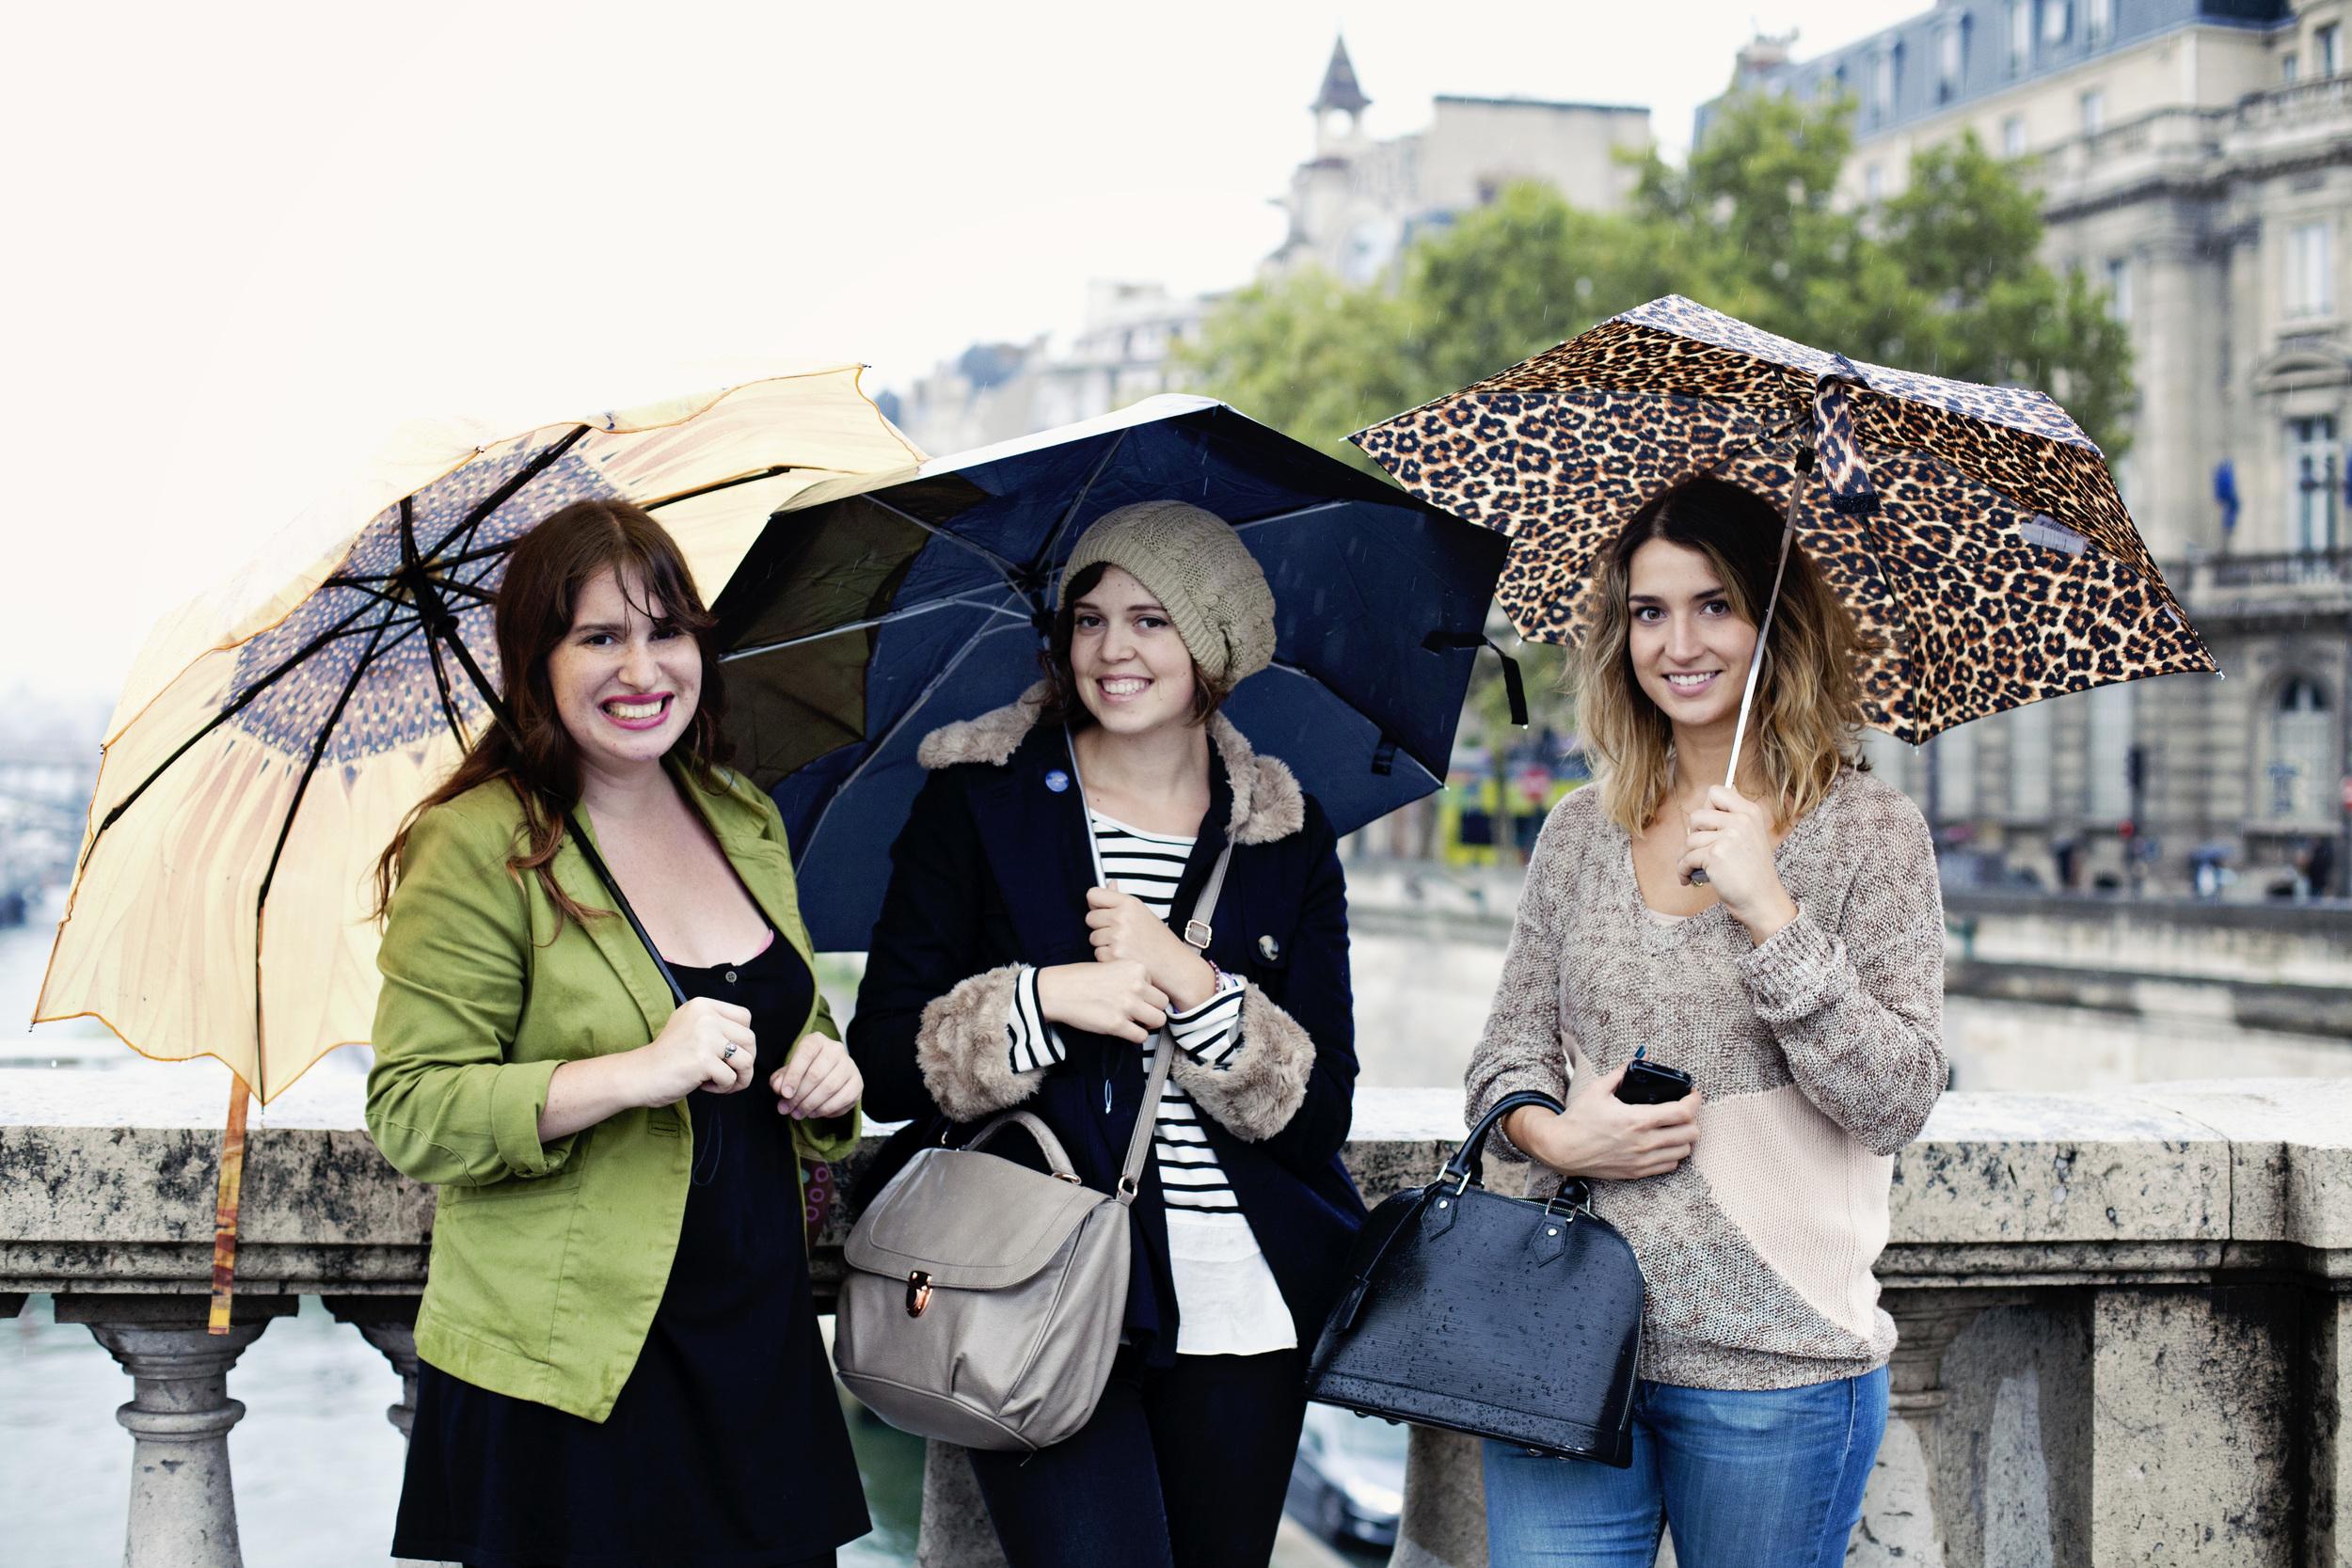 Paris_20121006_0282_1